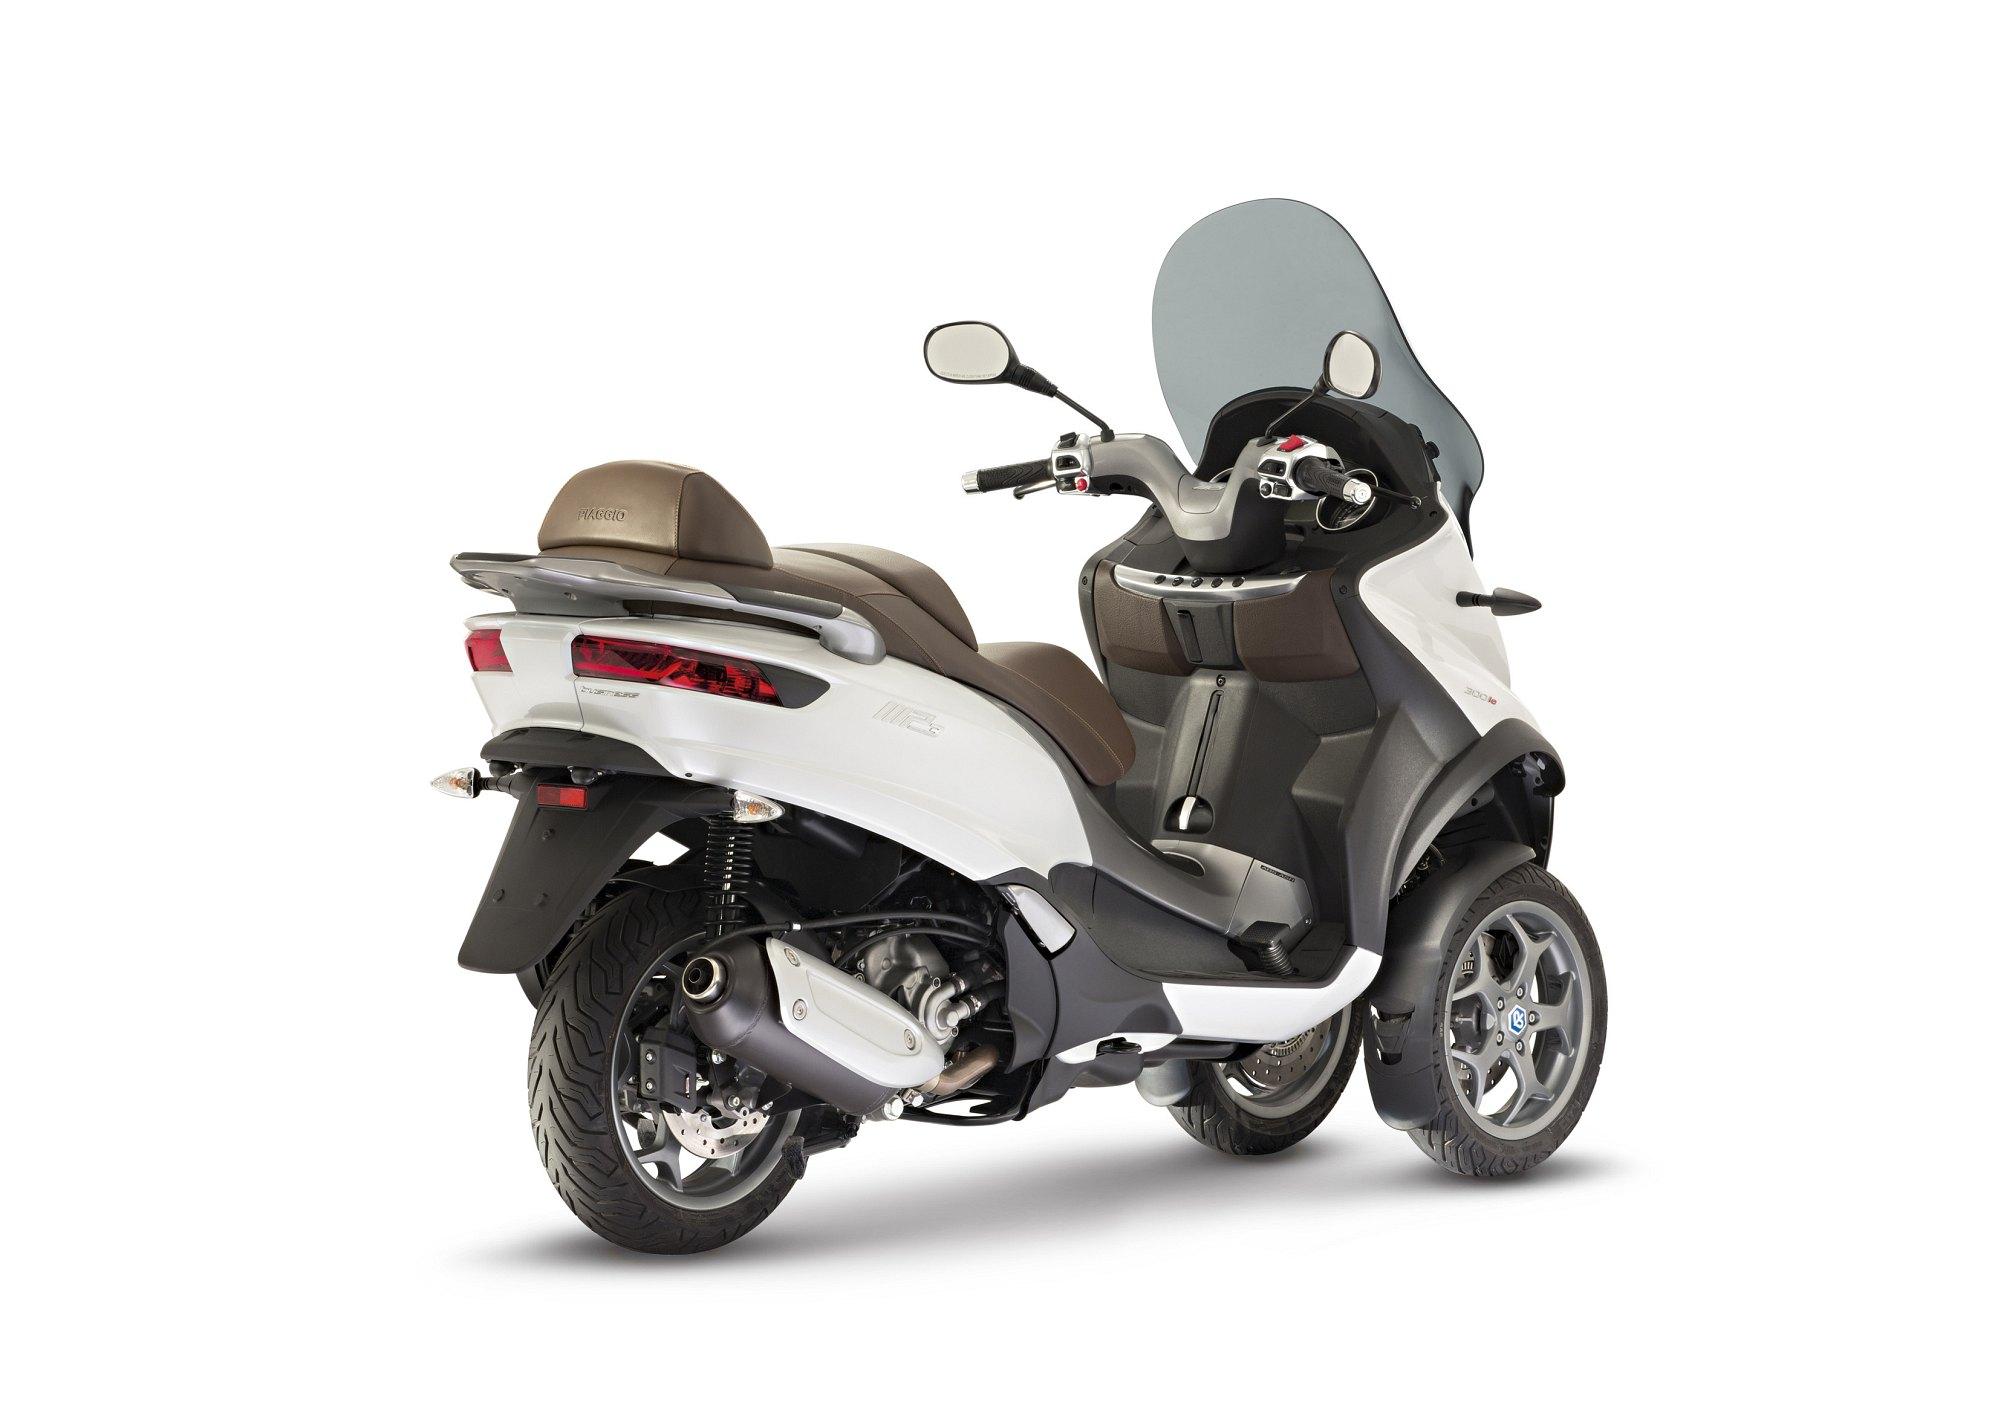 gebrauchte und neue piaggio mp3 300 ie business motorr der. Black Bedroom Furniture Sets. Home Design Ideas